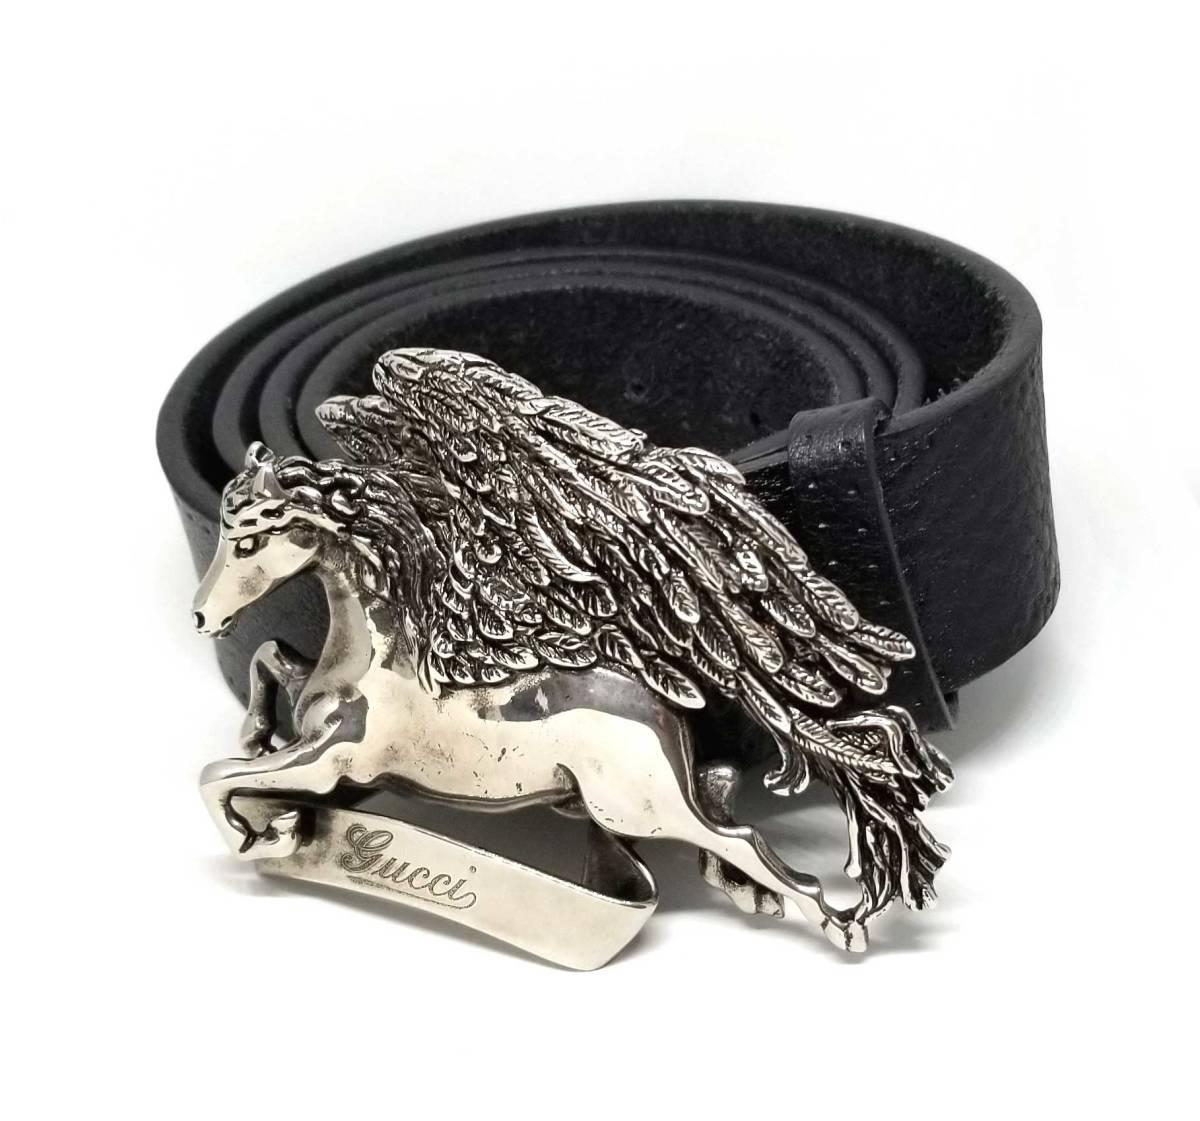 グッチ ベルト ペガサス レザー 256262 ブラック 110cm 型押し メタル 革ベルト メンズ 紳士用 GUCCI 【中古】